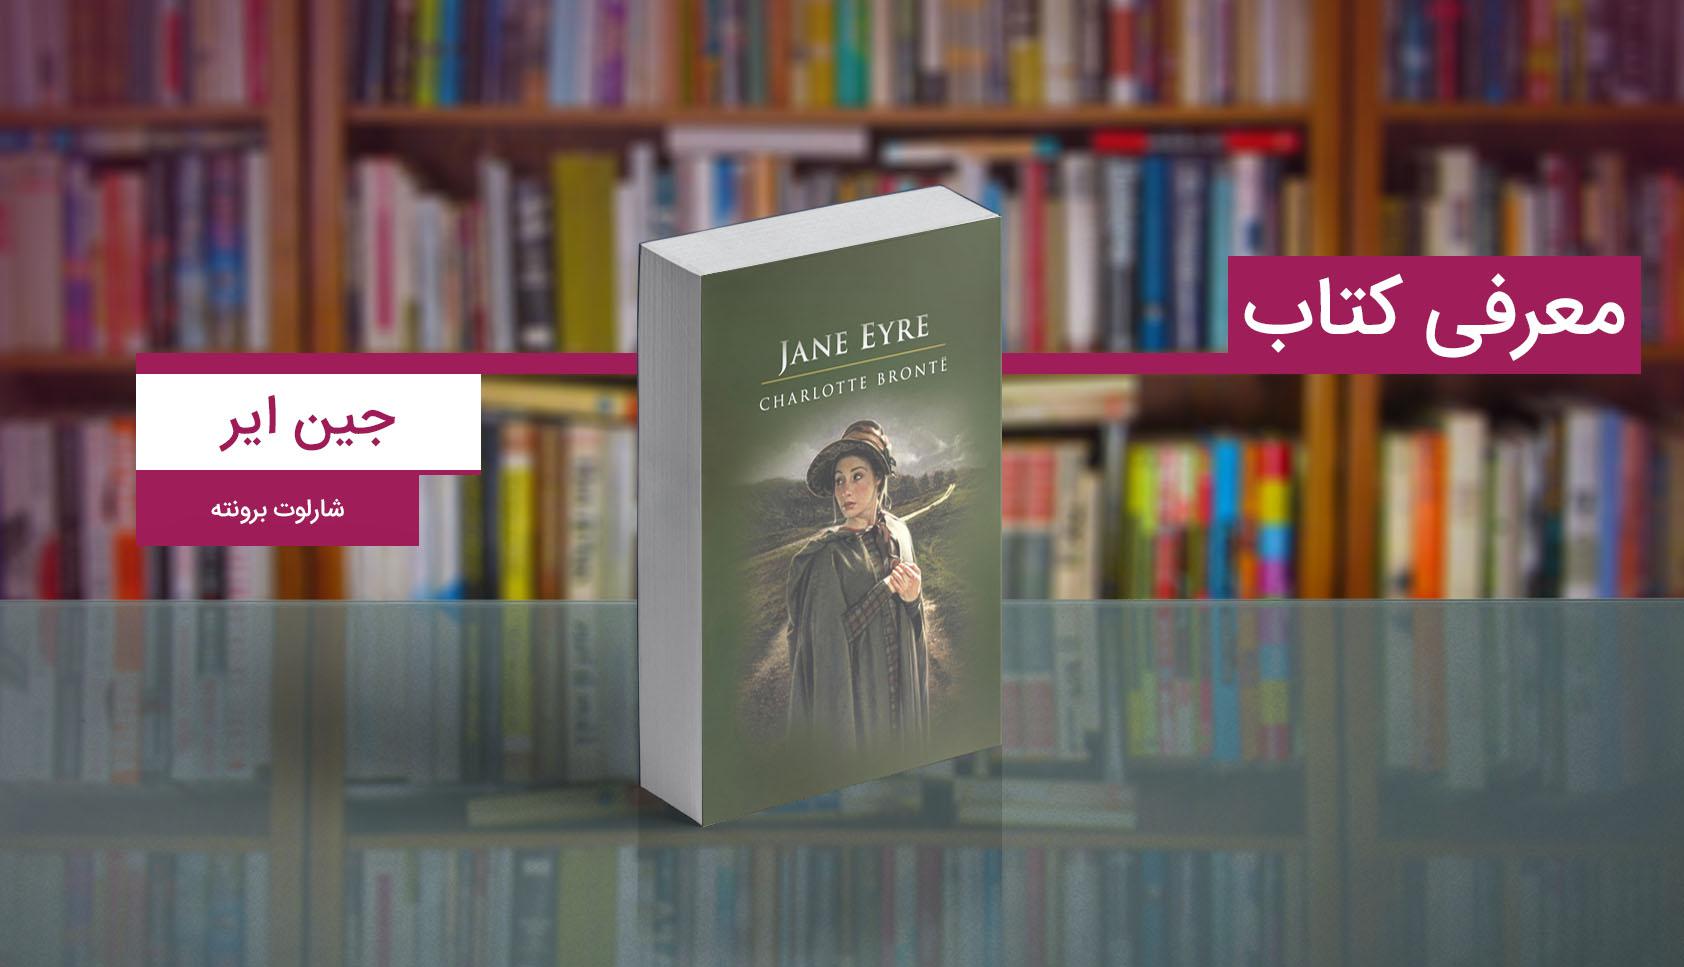 کتاب جین ایر